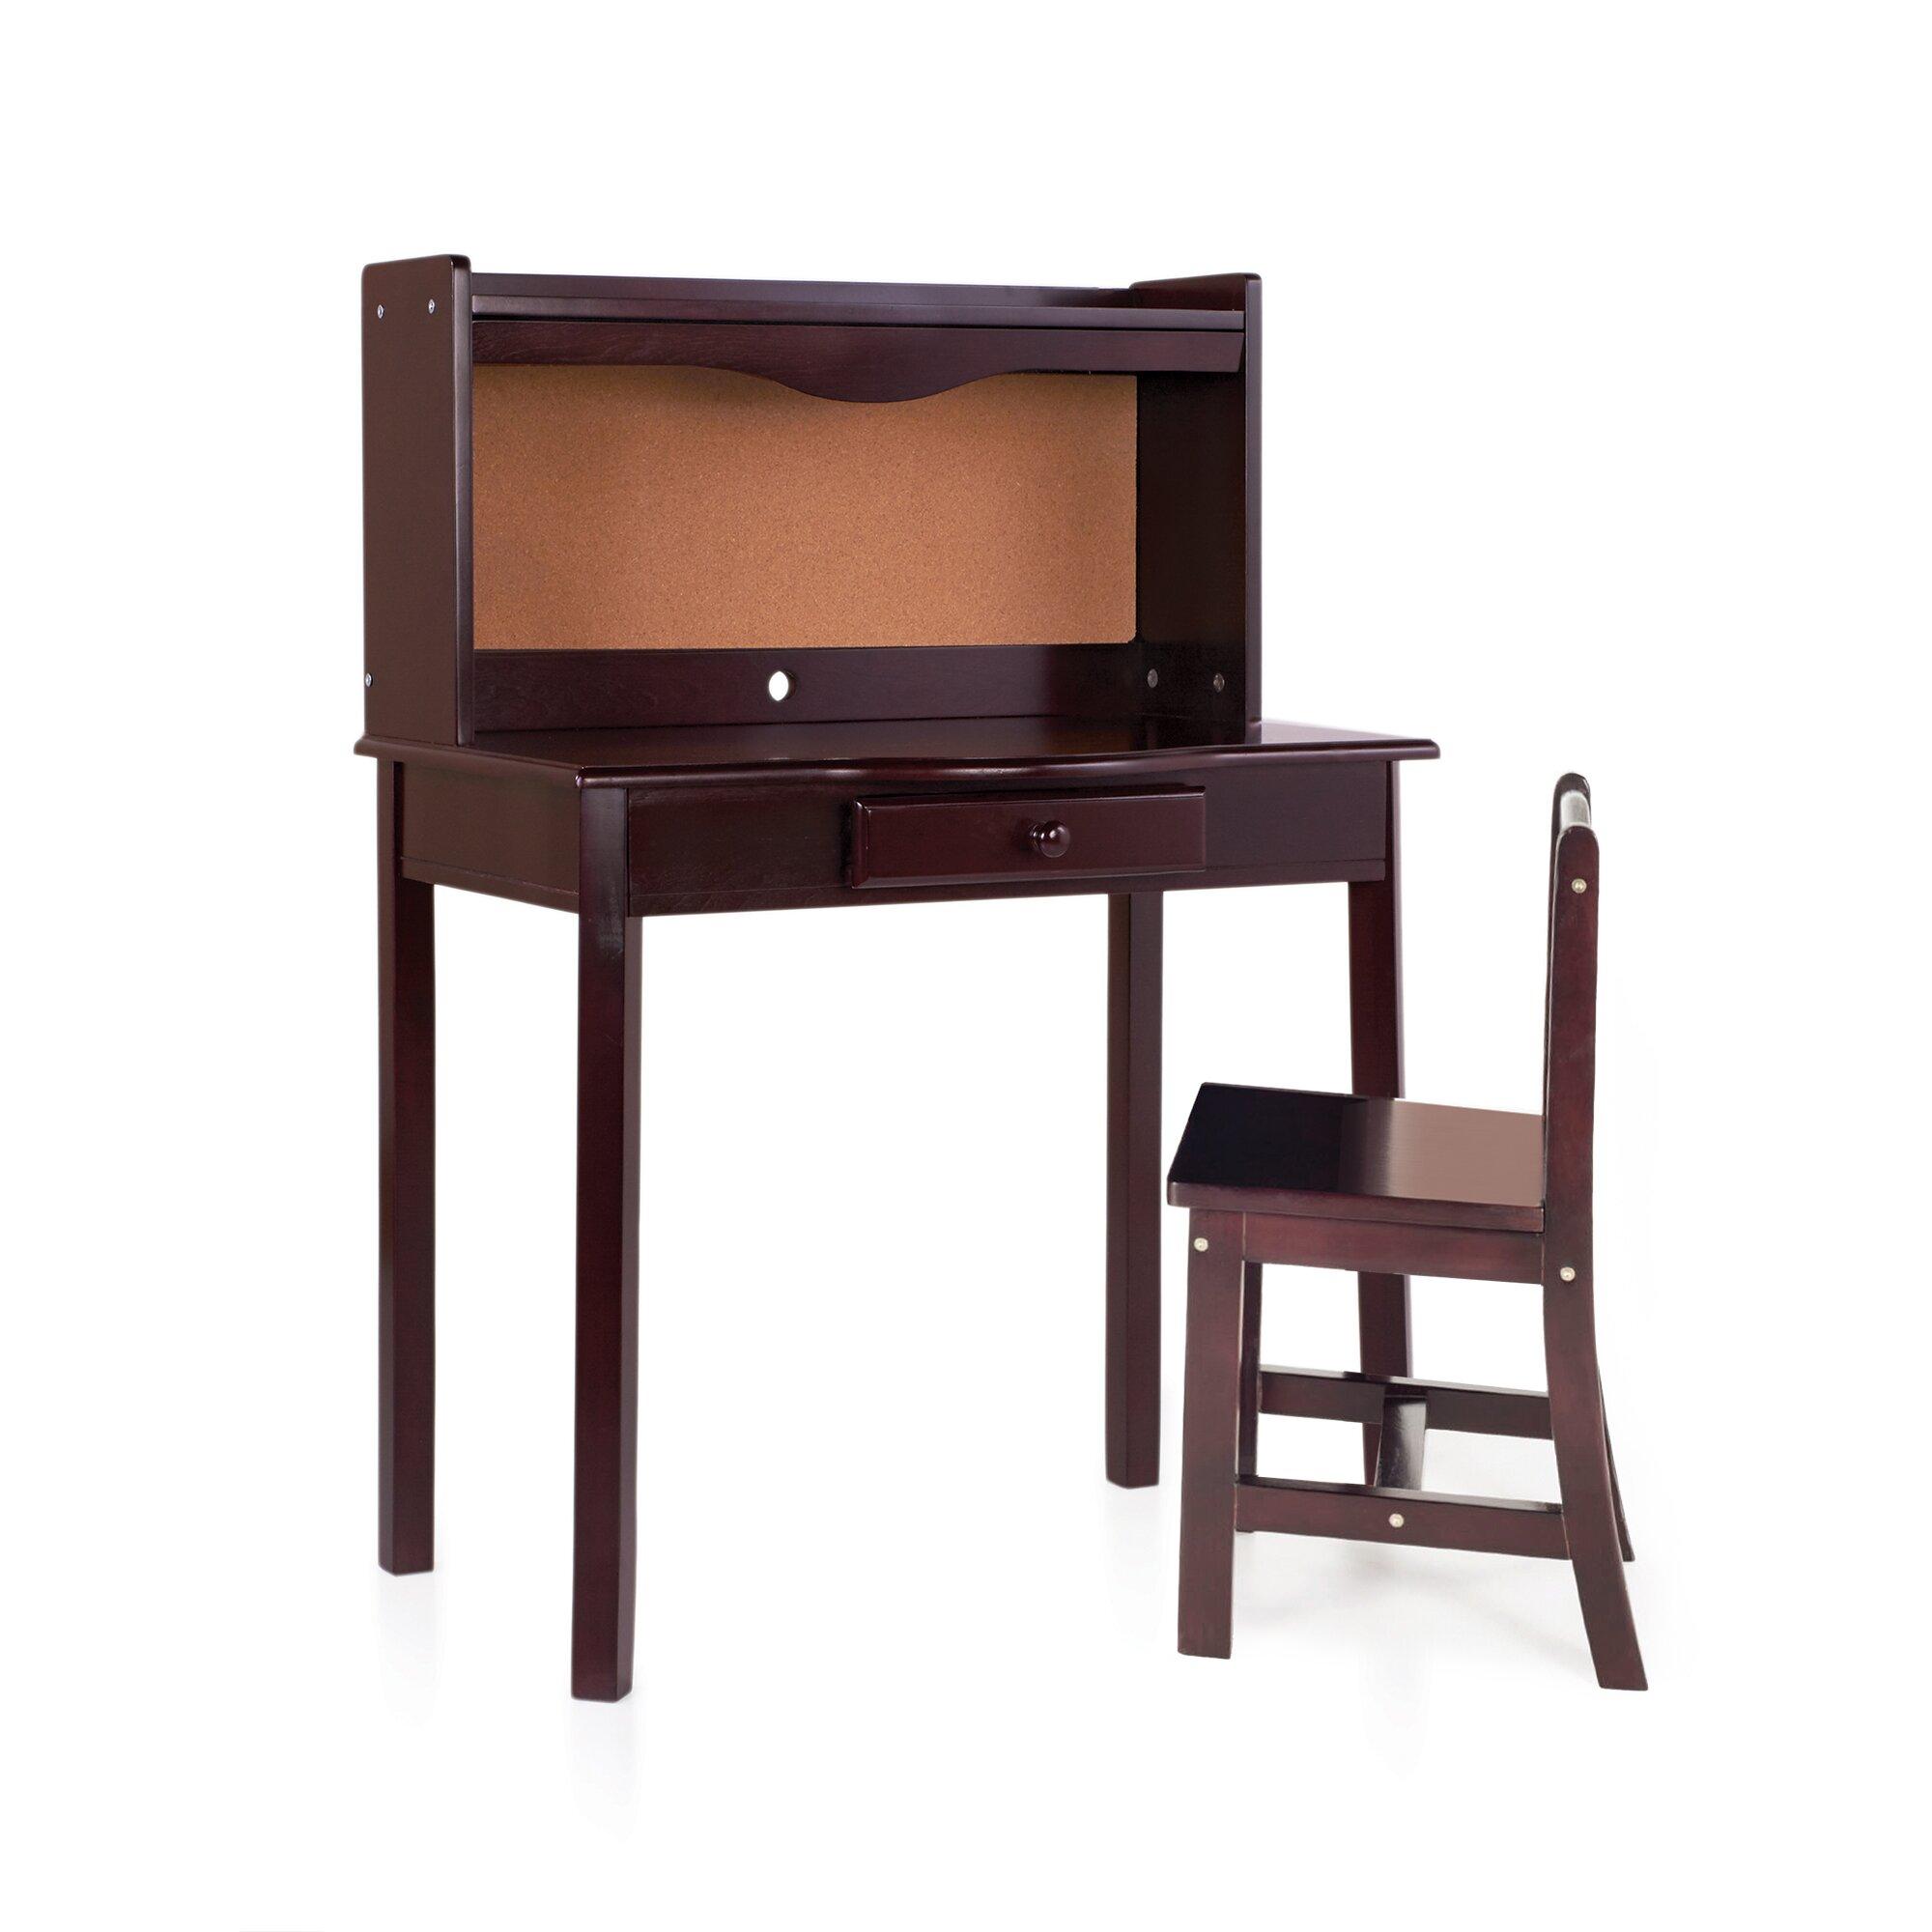 Wonderful image of Baby & Kids Kids' Bedroom Furniture Kids Desks Guidecraft SKU: EZ2859 with #8D583E color and 2000x2000 pixels